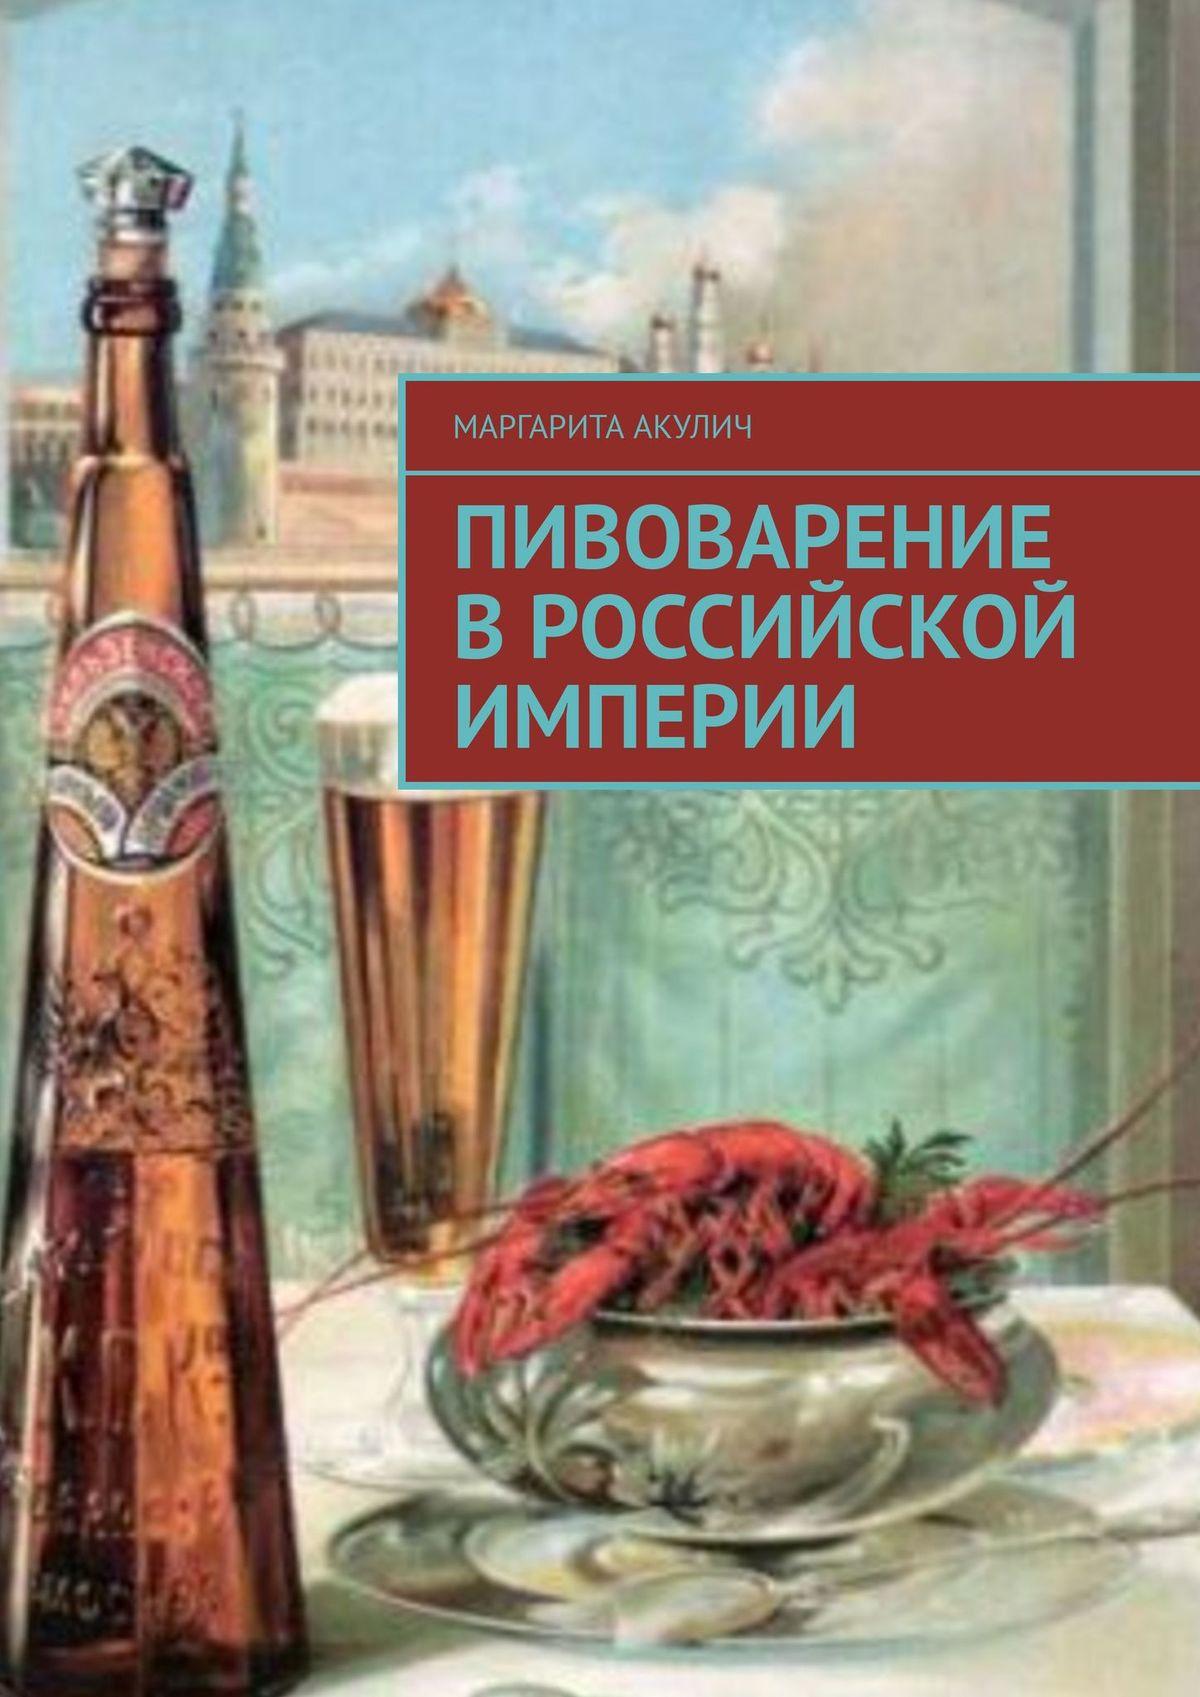 Маргарита Акулич Пивоварение в Российской империи анатолий стрельцов проделки масонов вроссийской империи